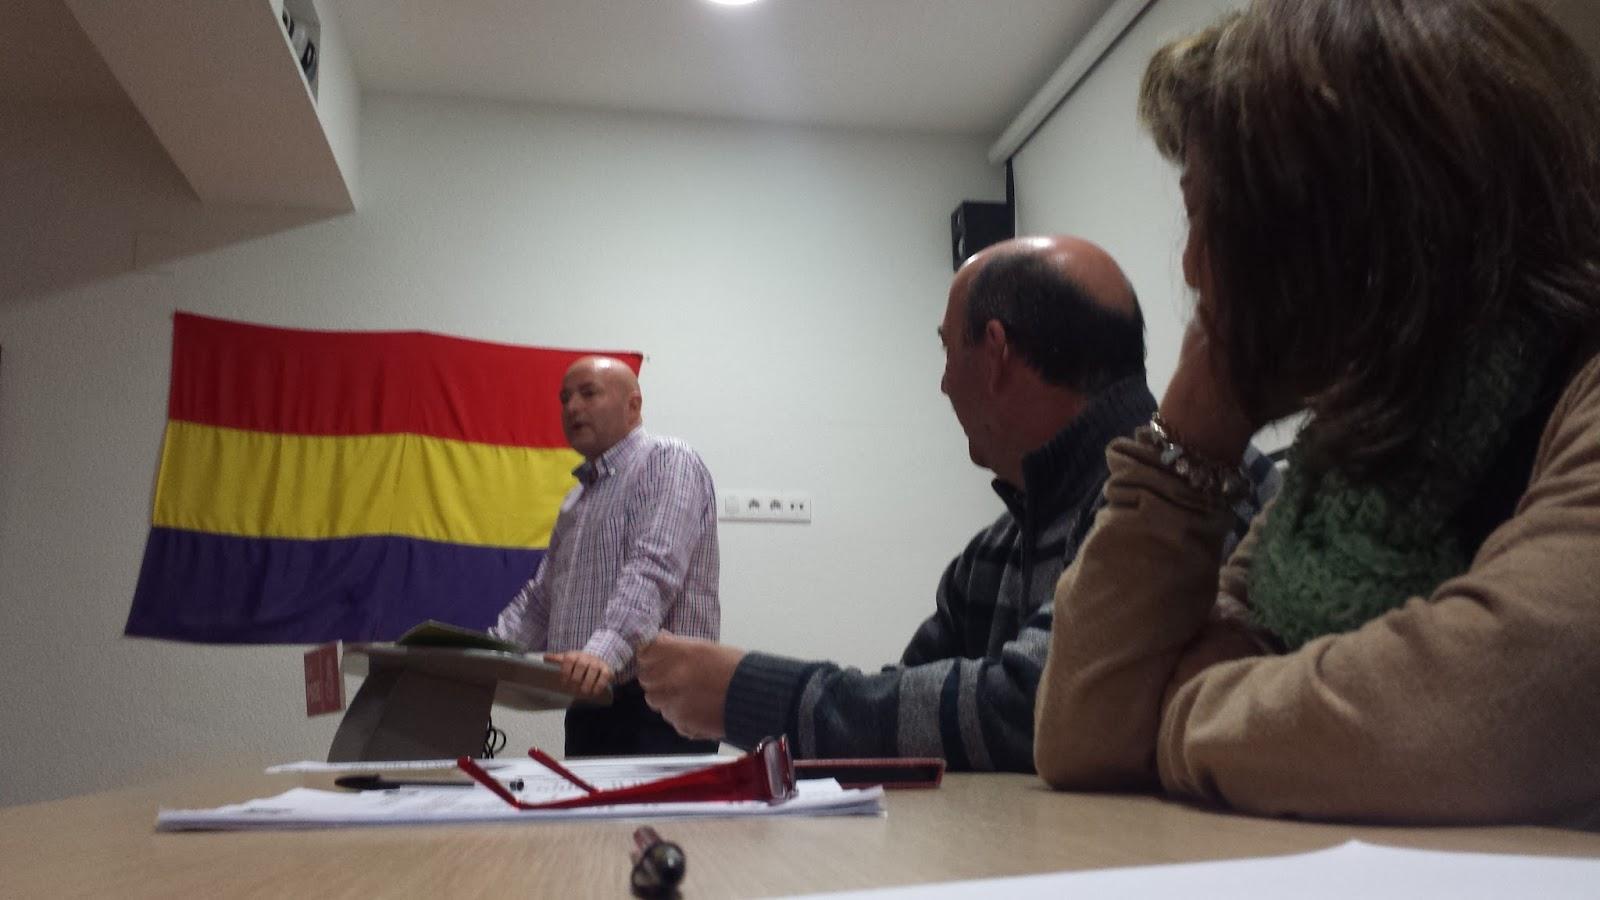 Un momento de la asamblea en la sede del PSOE de Béjar, Javier Garrido al fondo, secretario general y uno de los posibles cndidatos a la alcaldia